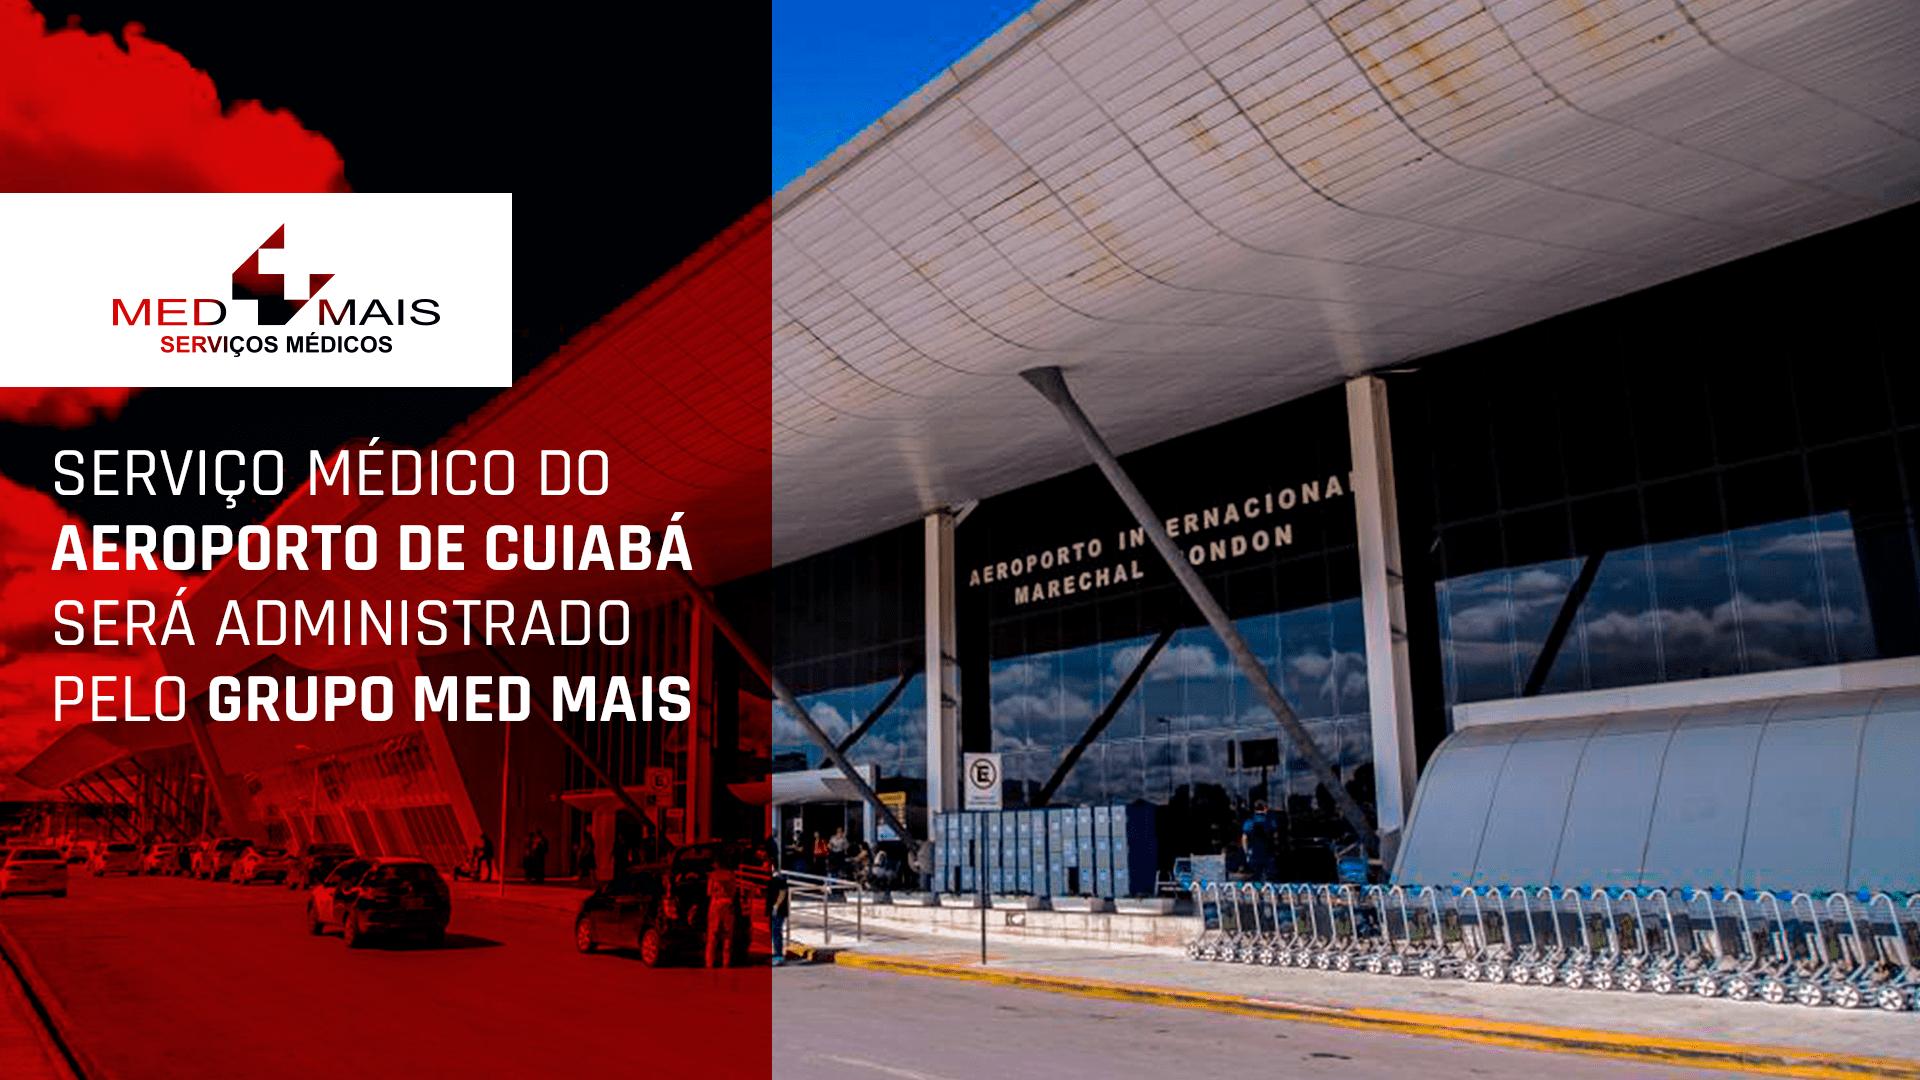 Serviço médico do Aeroporto de Cuiabá será administrado pelo Grupo Med Mais